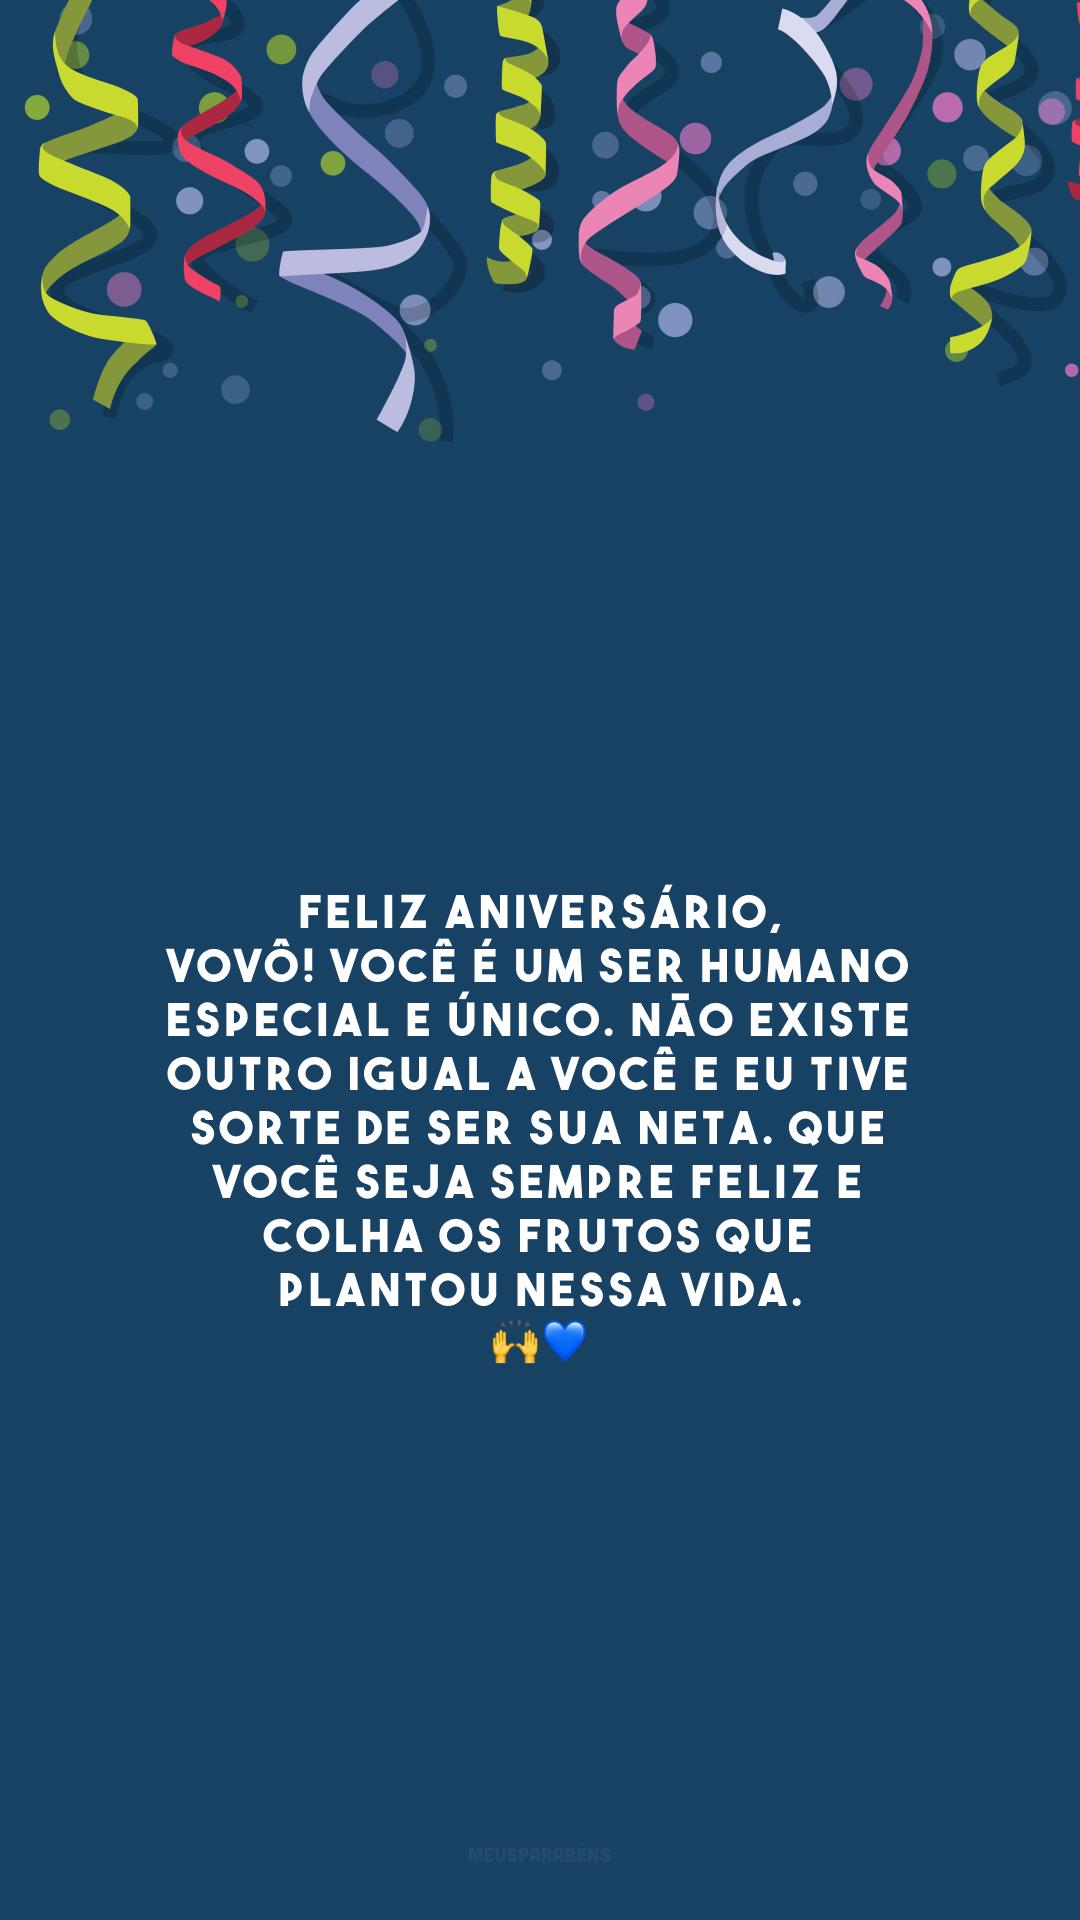 Feliz aniversário, vovô! Você é um ser humano especial e único. Não existe outro igual a você e eu tive sorte de ser sua neta. Que você seja sempre feliz e colha os frutos que plantou nessa vida. 🙌💙